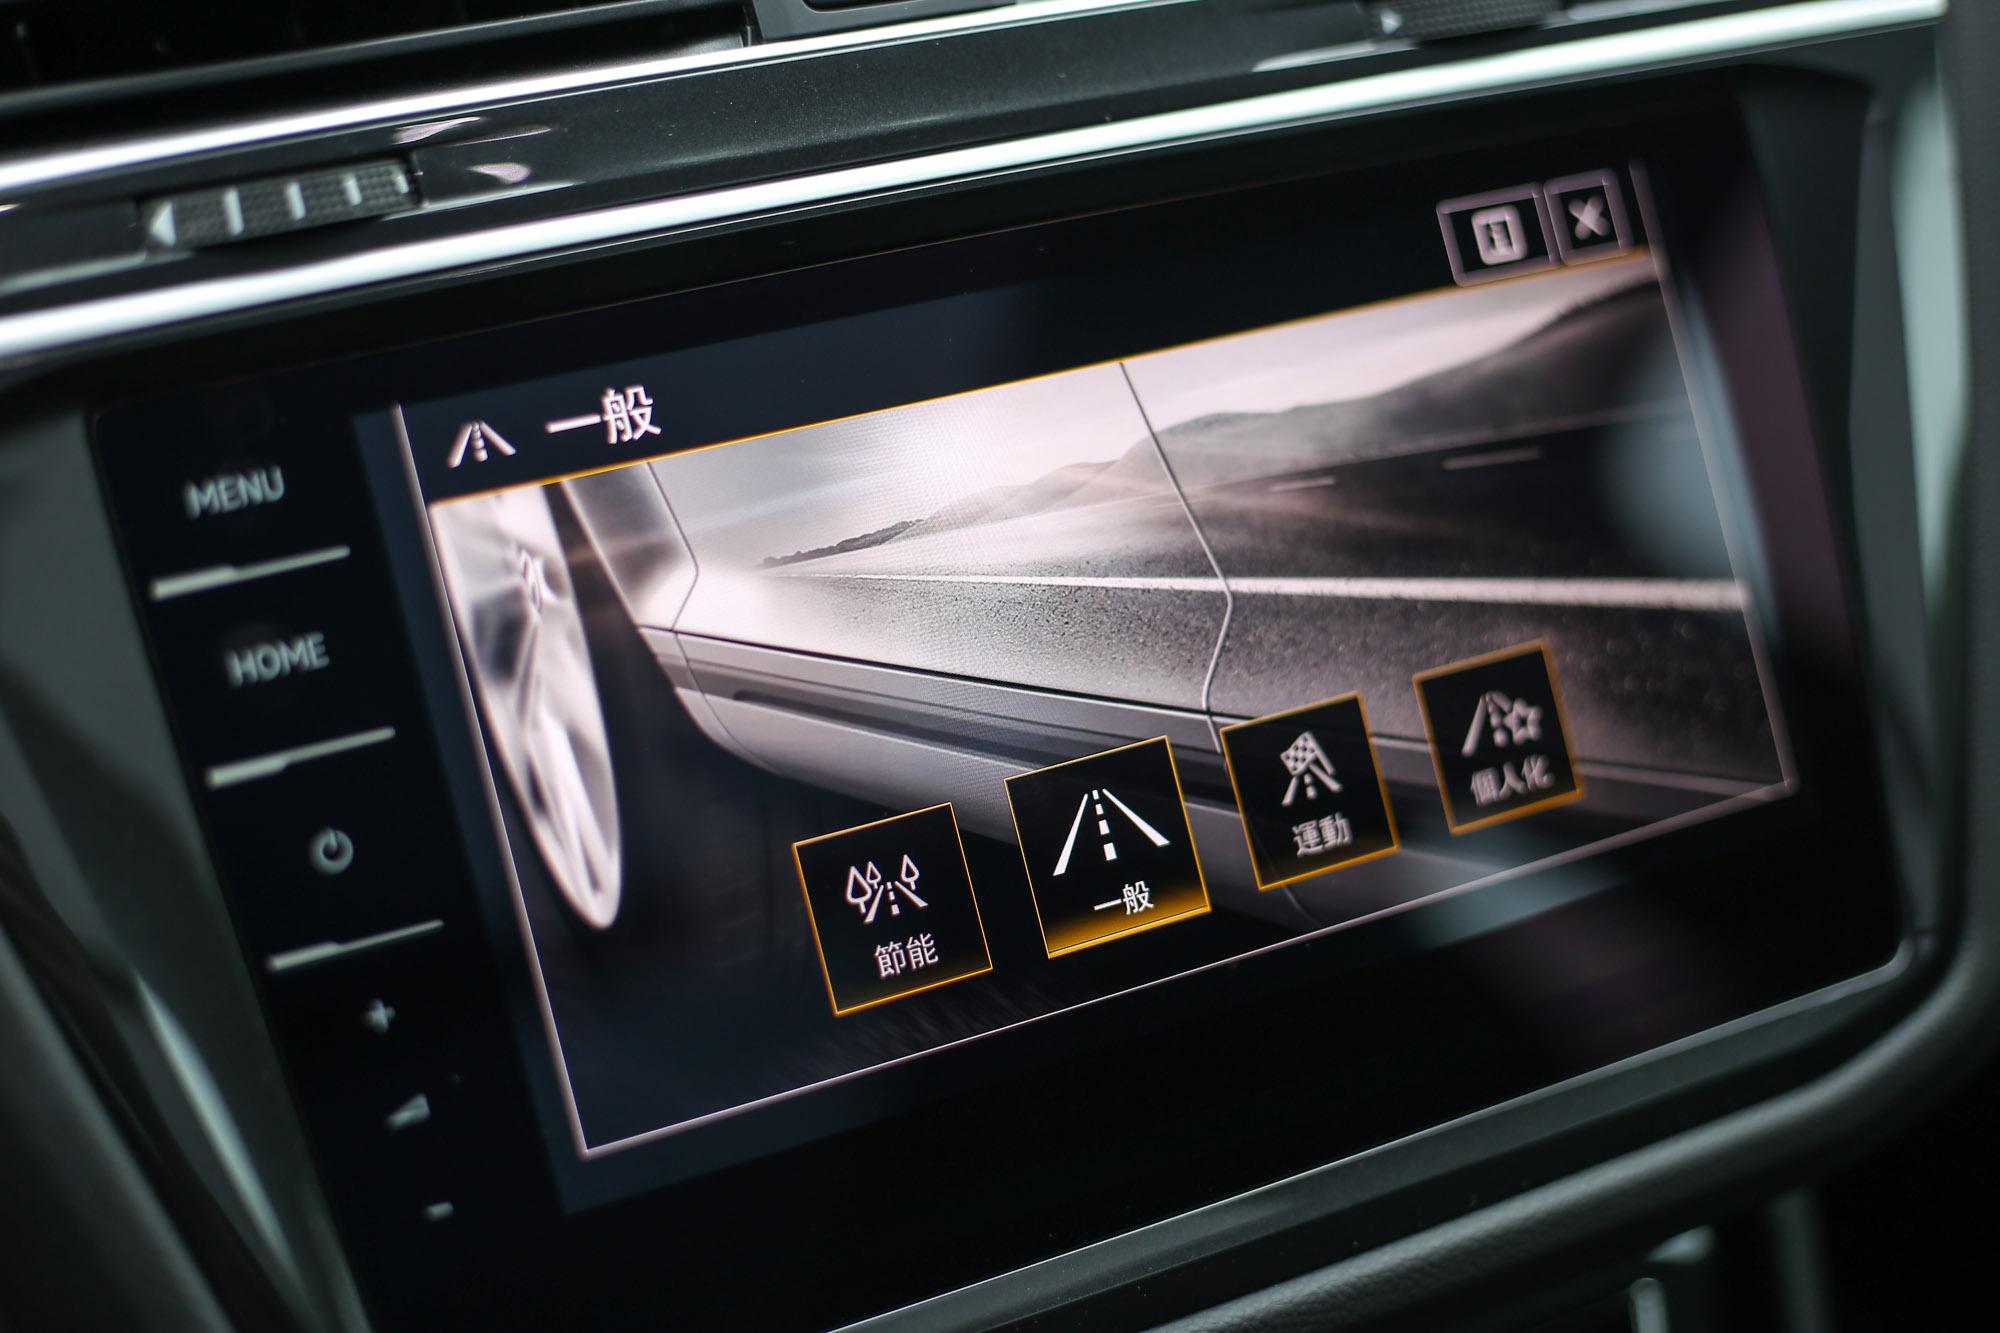 若按下MODE按鍵,還可以提供節能、一般、運動、個人化的駕駛模式供選擇。